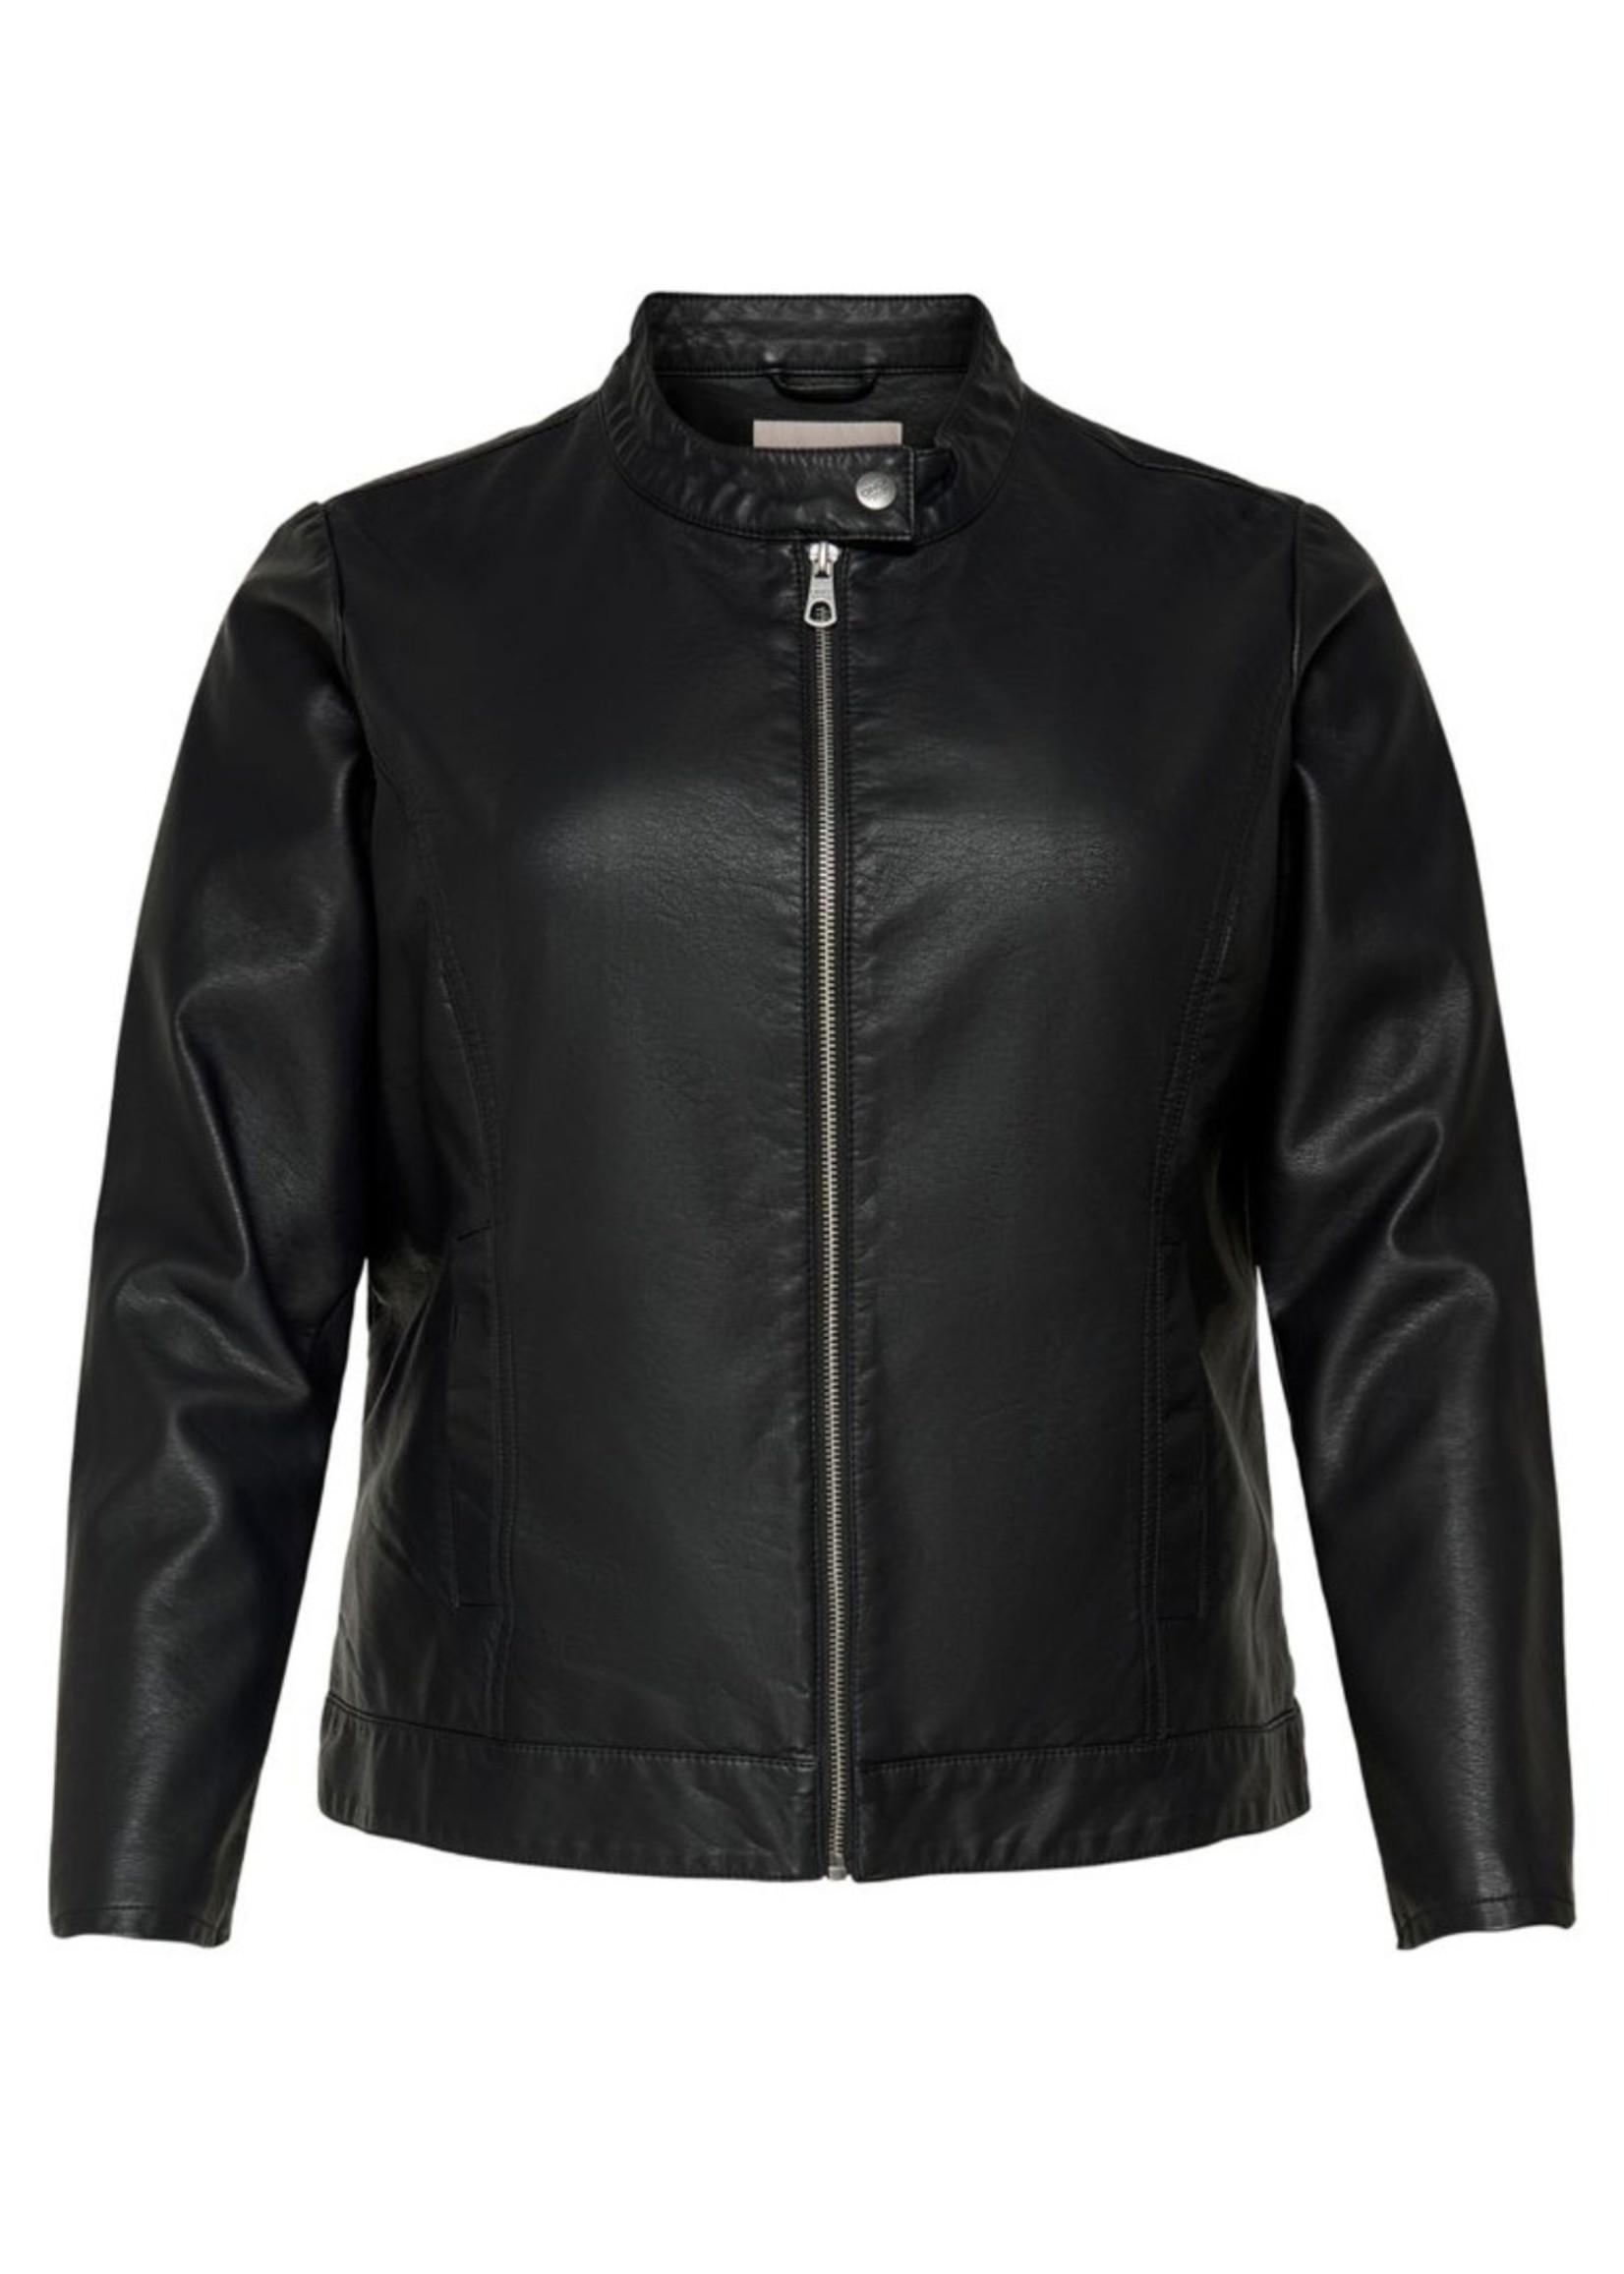 Only Carmakoma Only Carmakoma Leather Jacket